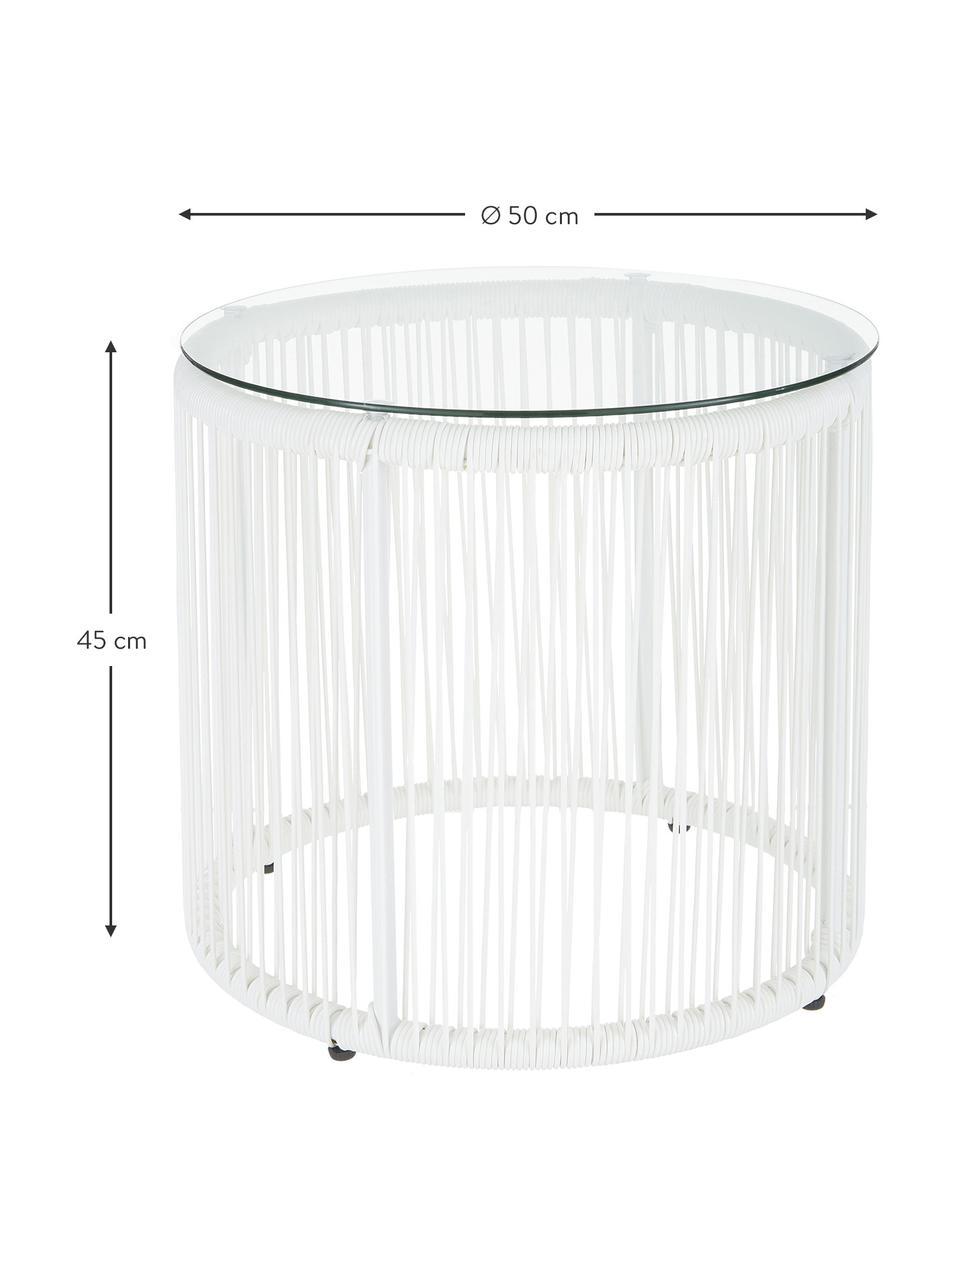 Beistelltisch Bahia aus Kunststoff-Geflecht, Tischplatte: Glas, Gestell: Aluminium, pulverbeschich, Weiß, Ø 50 x H 45 cm